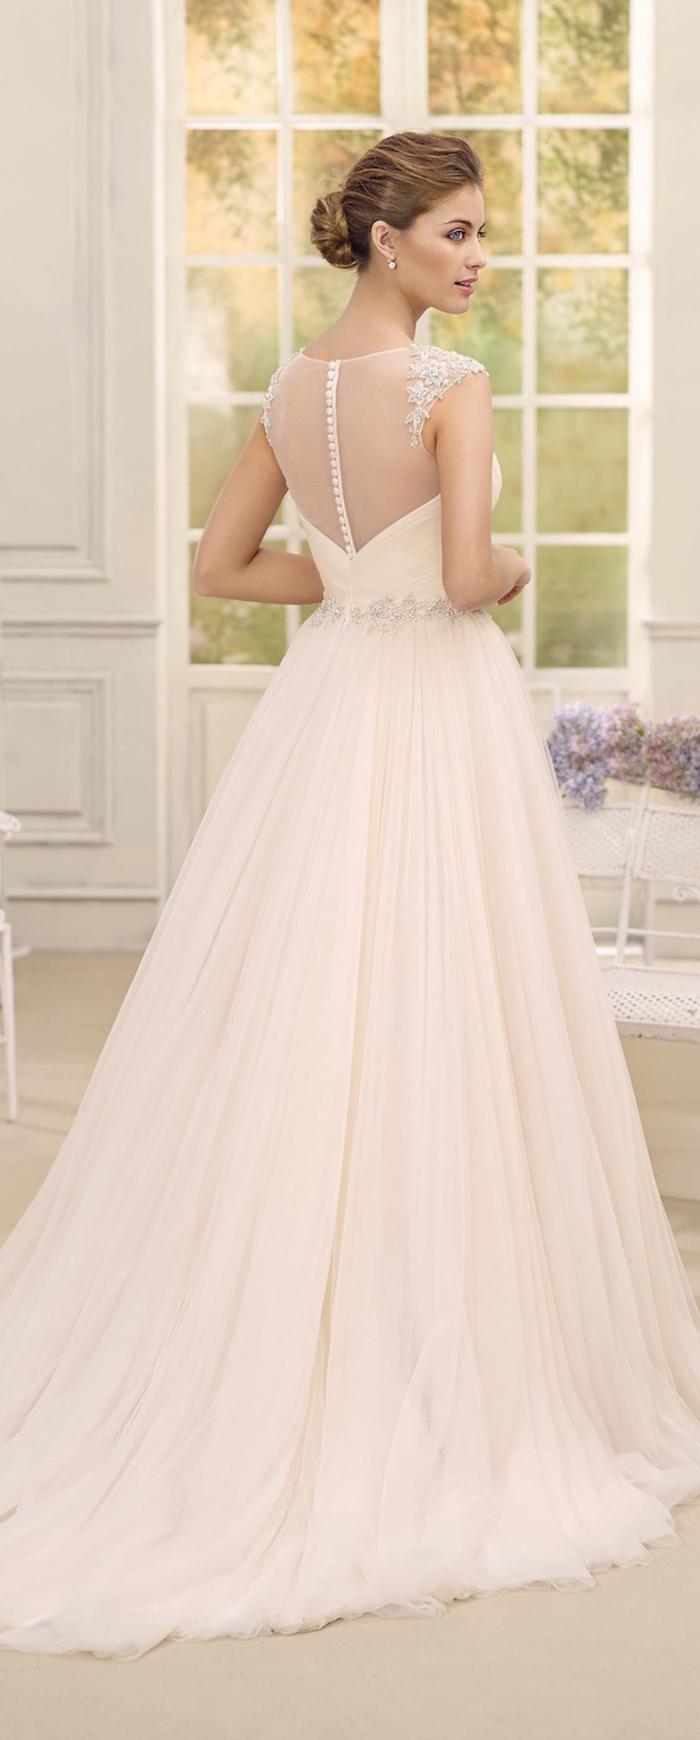 Ragazza con abito da sposa, vestito di colore crema, gonna in tulle